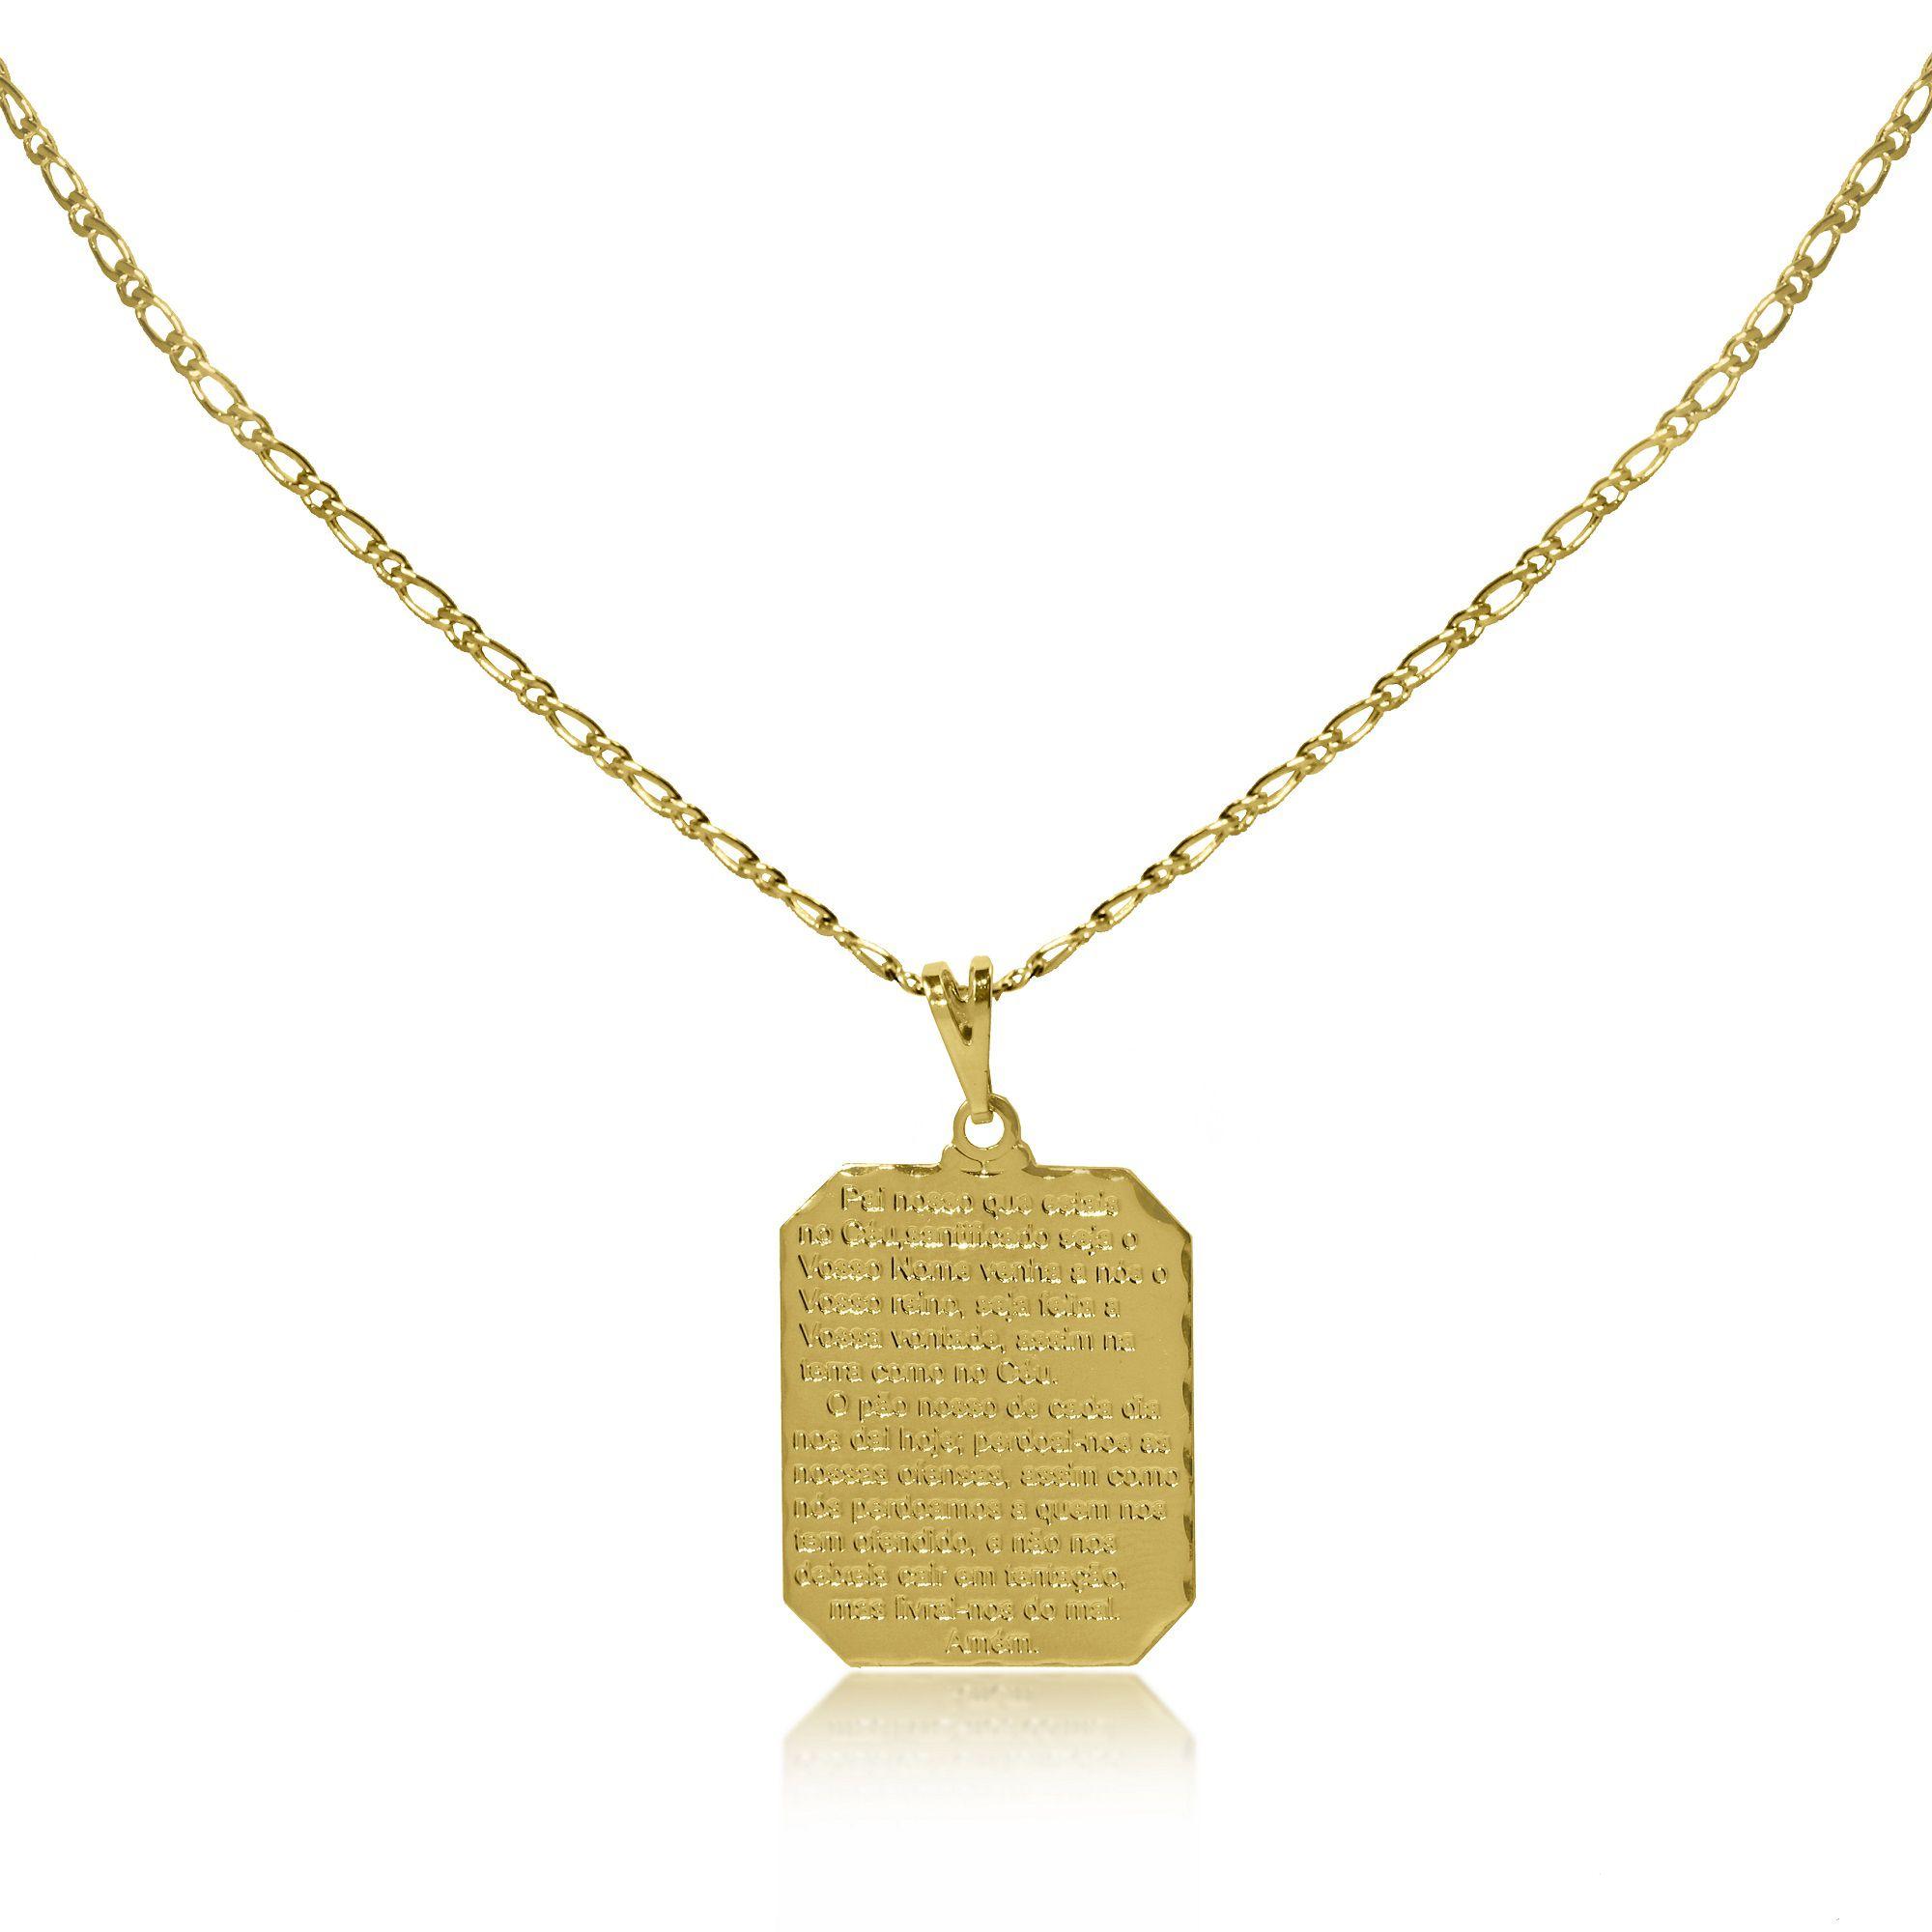 a1a8d49a7a1e3 Corrente Masculina Placa Pai Nosso Folheado Ouro 18k - Lunozê Joias